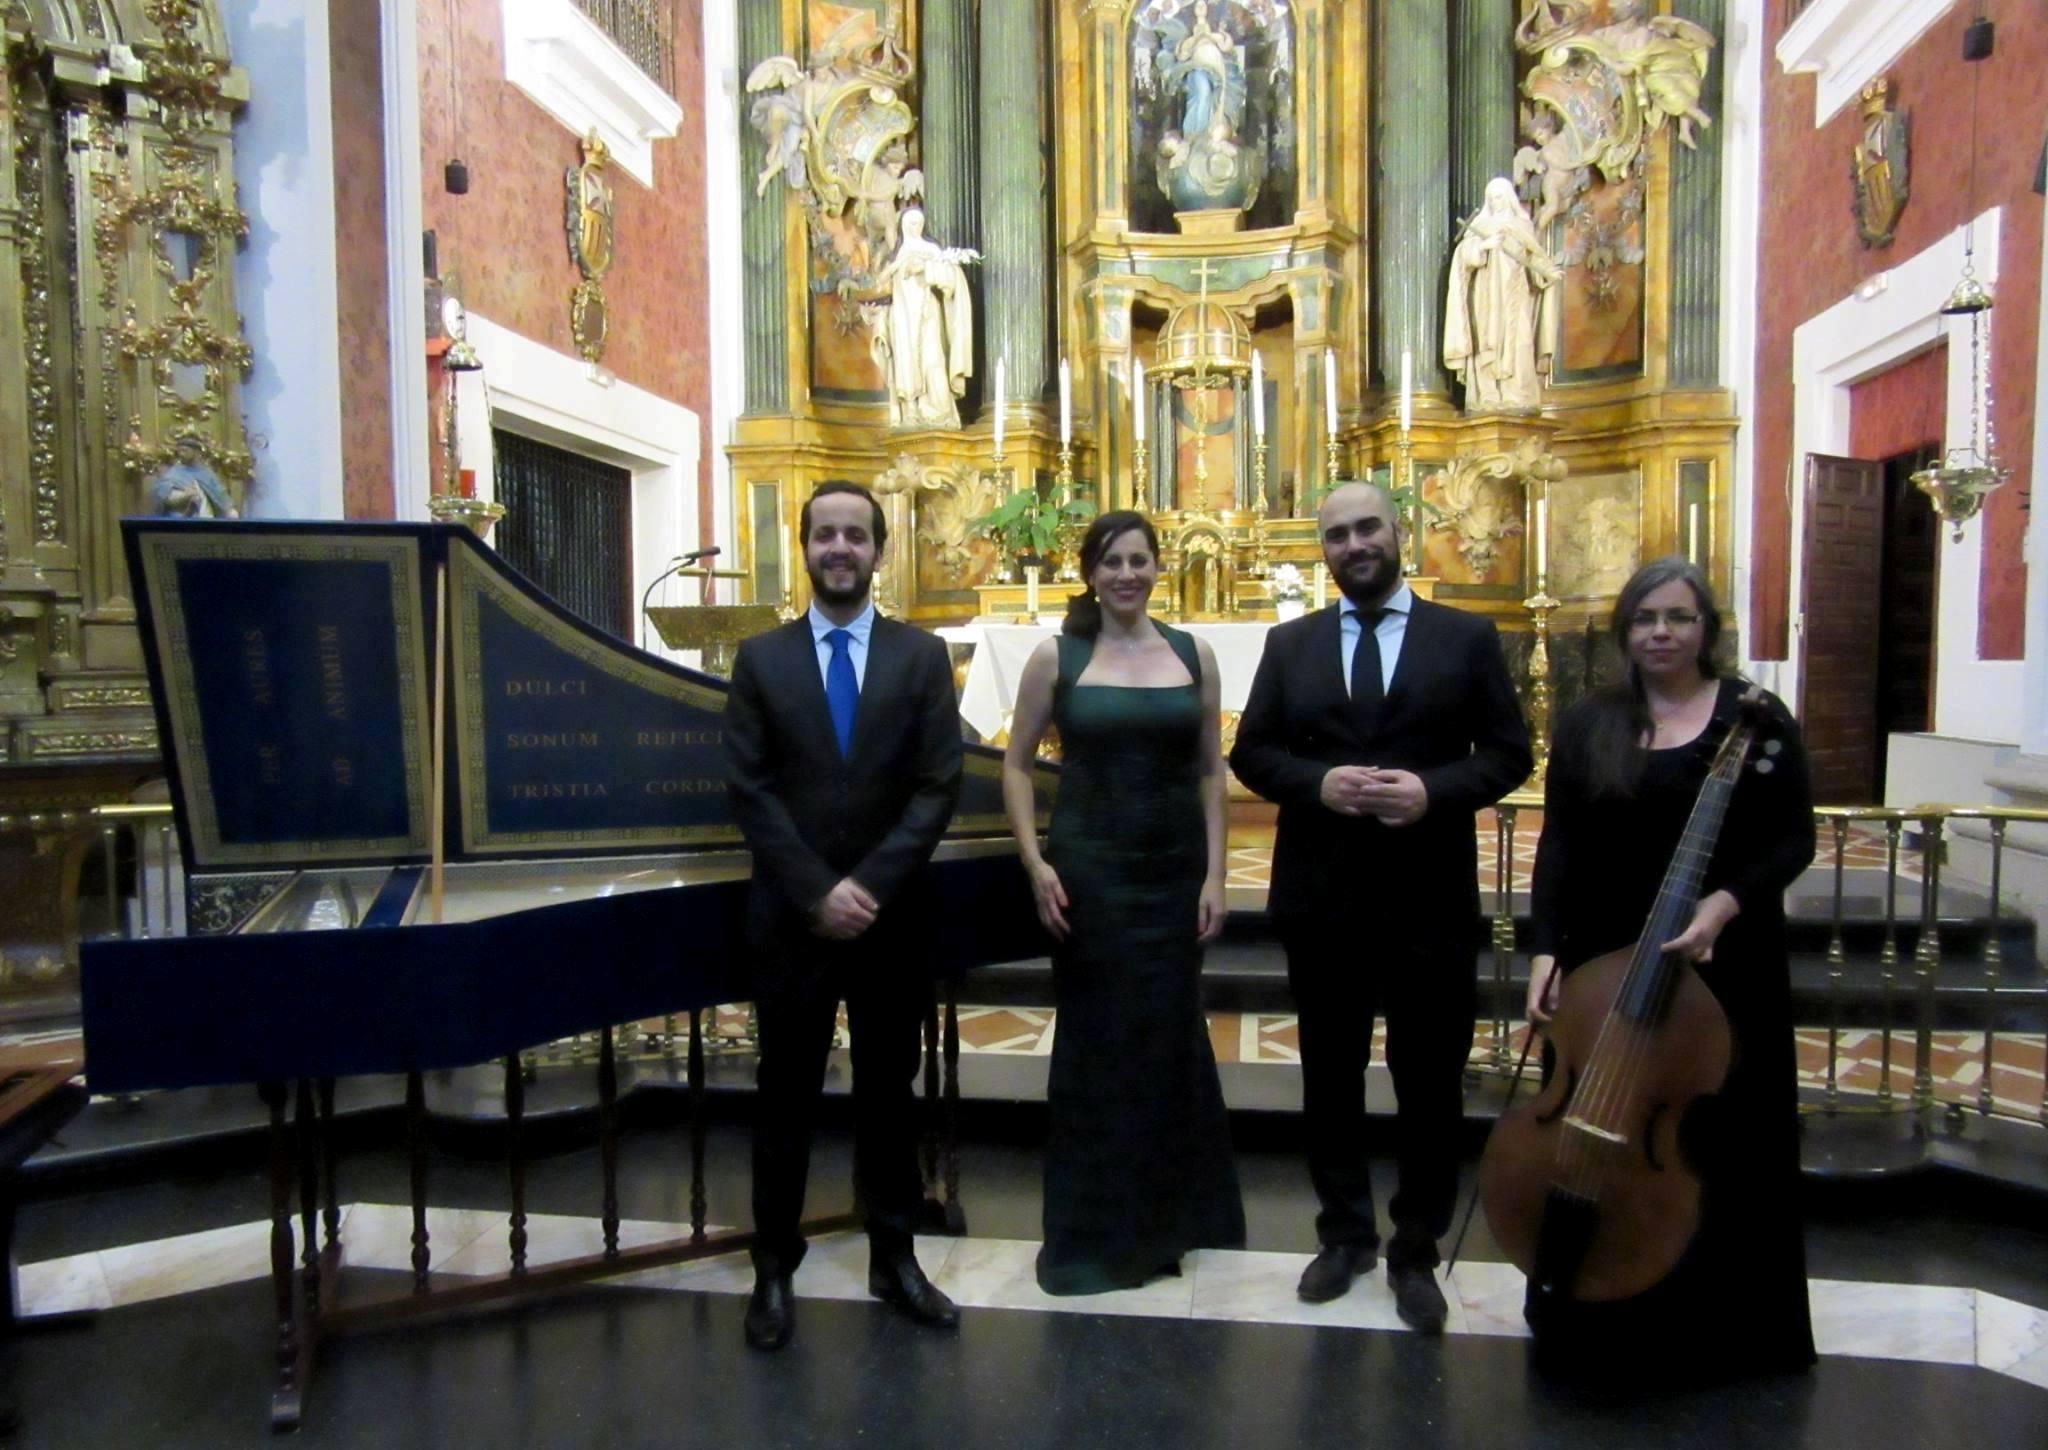 Escenas Musicales en la Europa de la Razón. Un hermoso recorrido musical por la Europa del siglo XVII